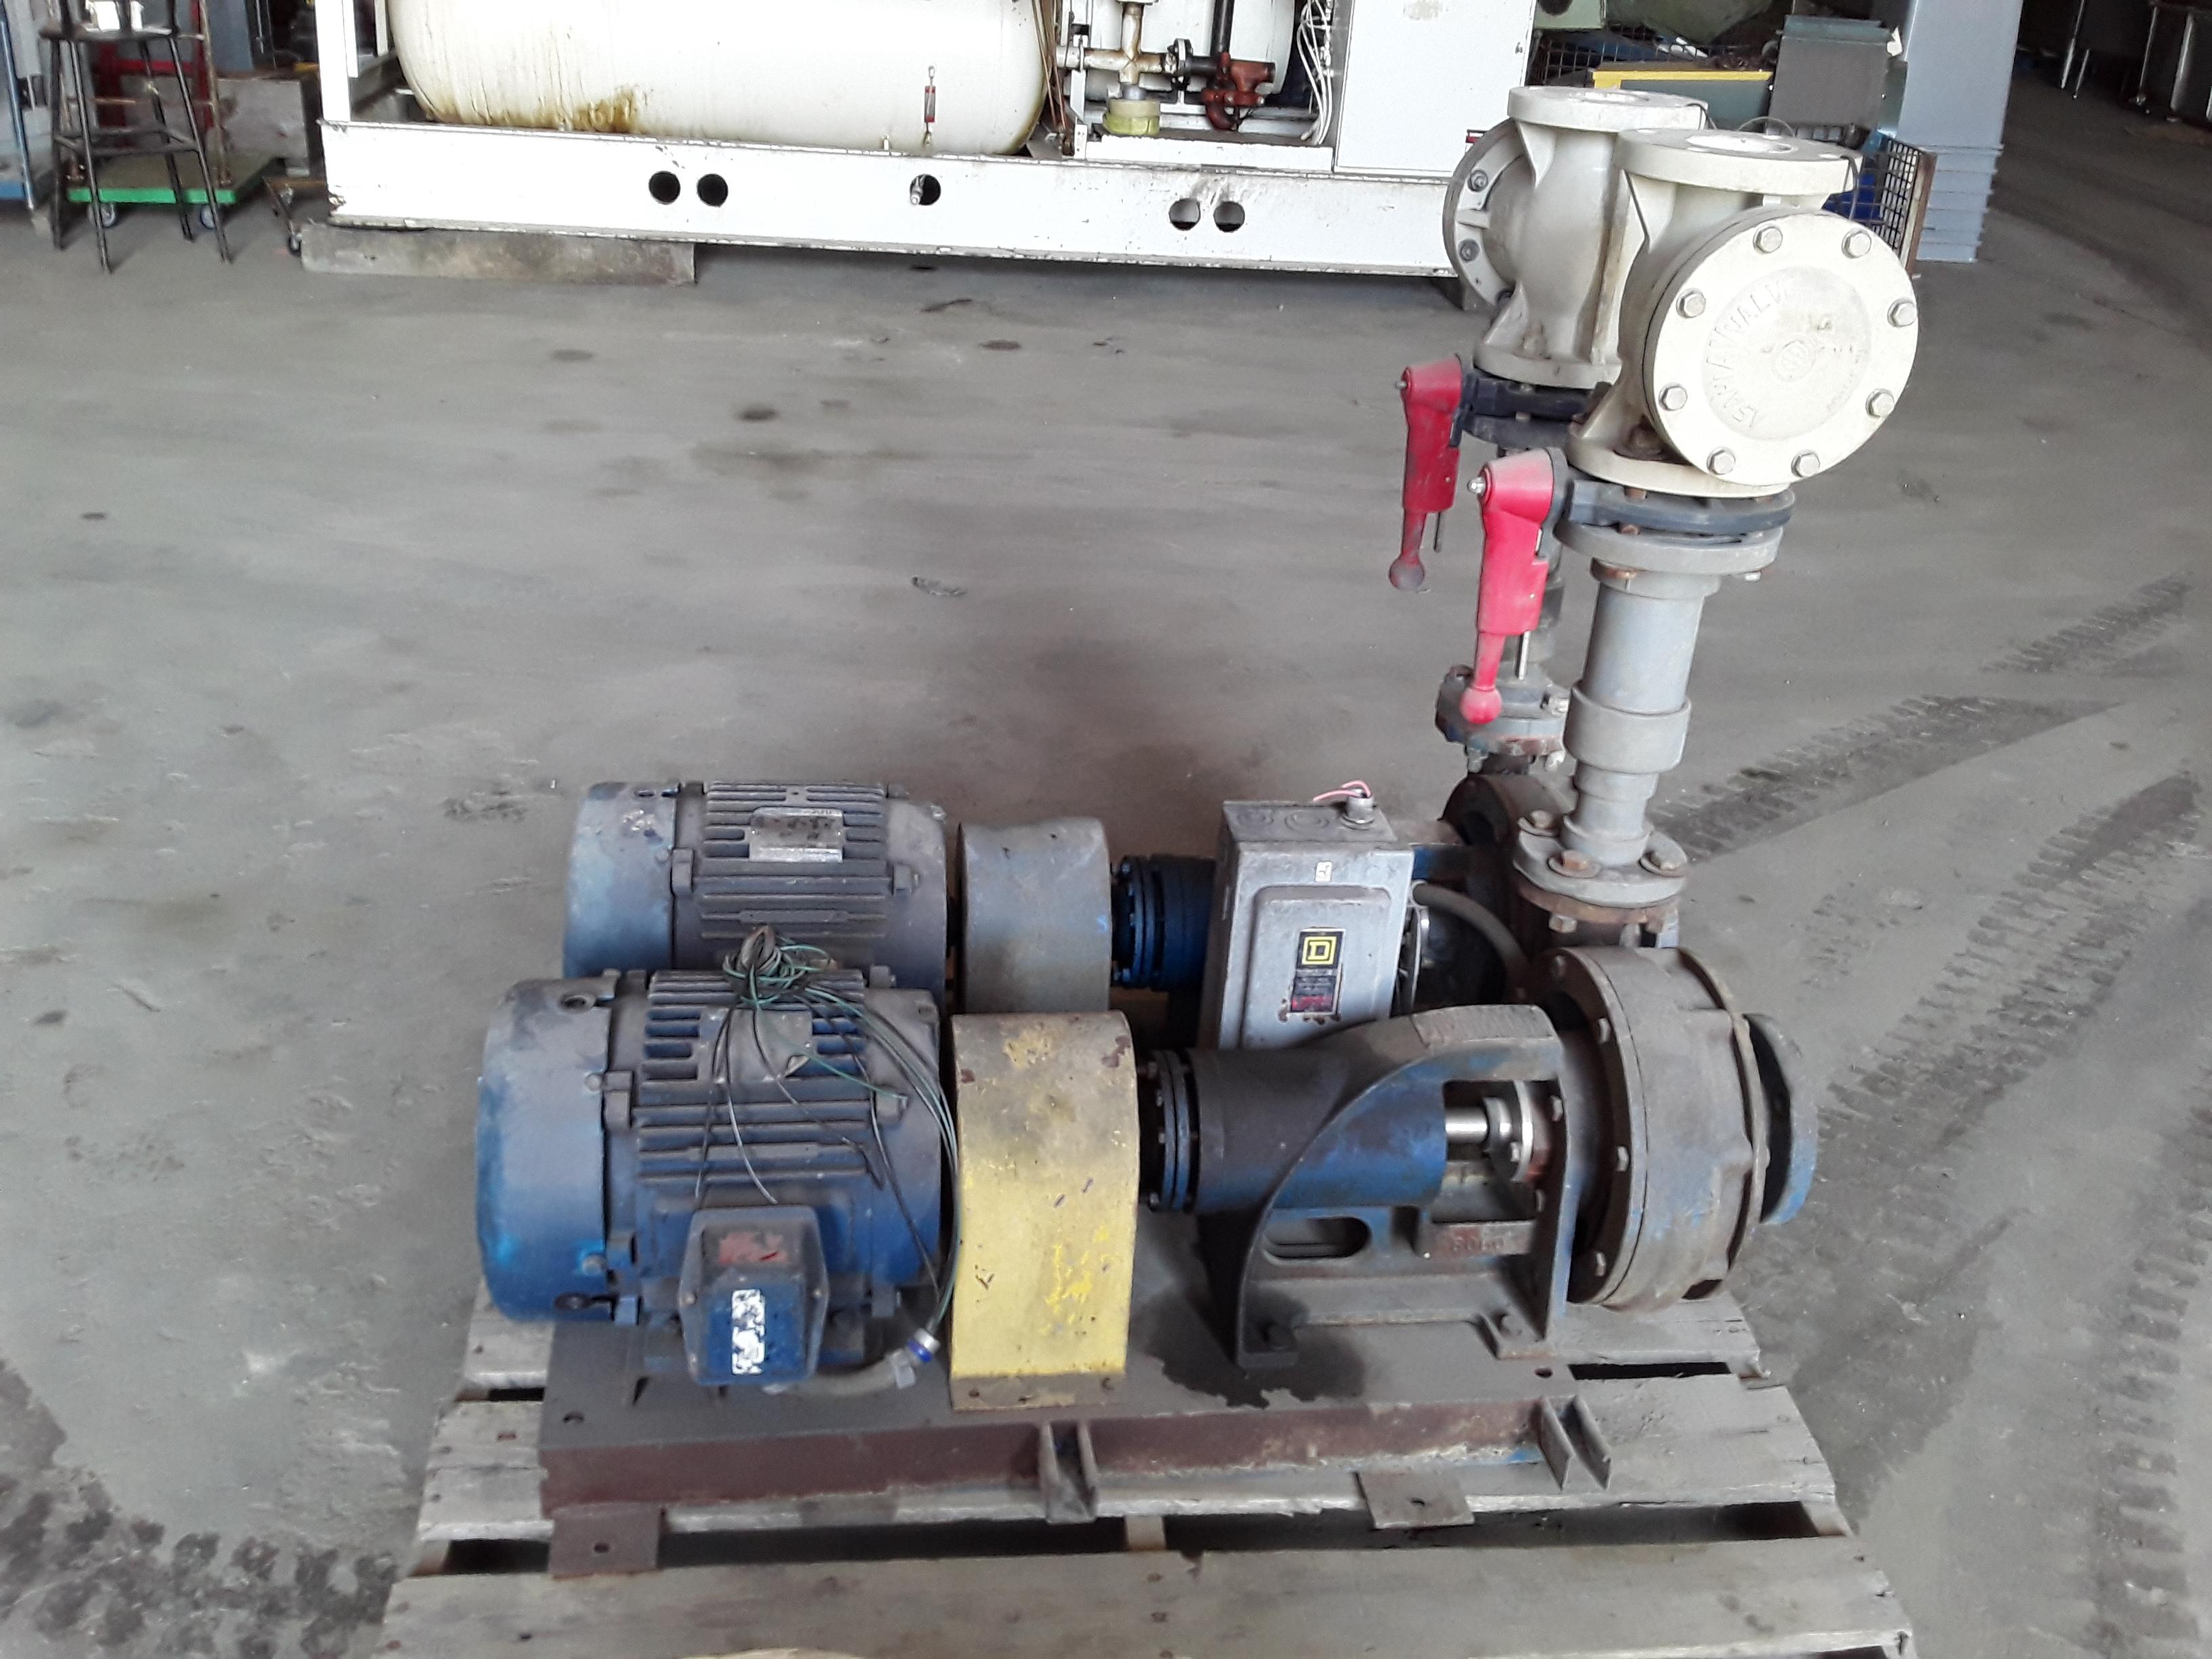 (1) PREOWNED HAYNES WATER PUMP, MODEL 6051, S/N 10505-02